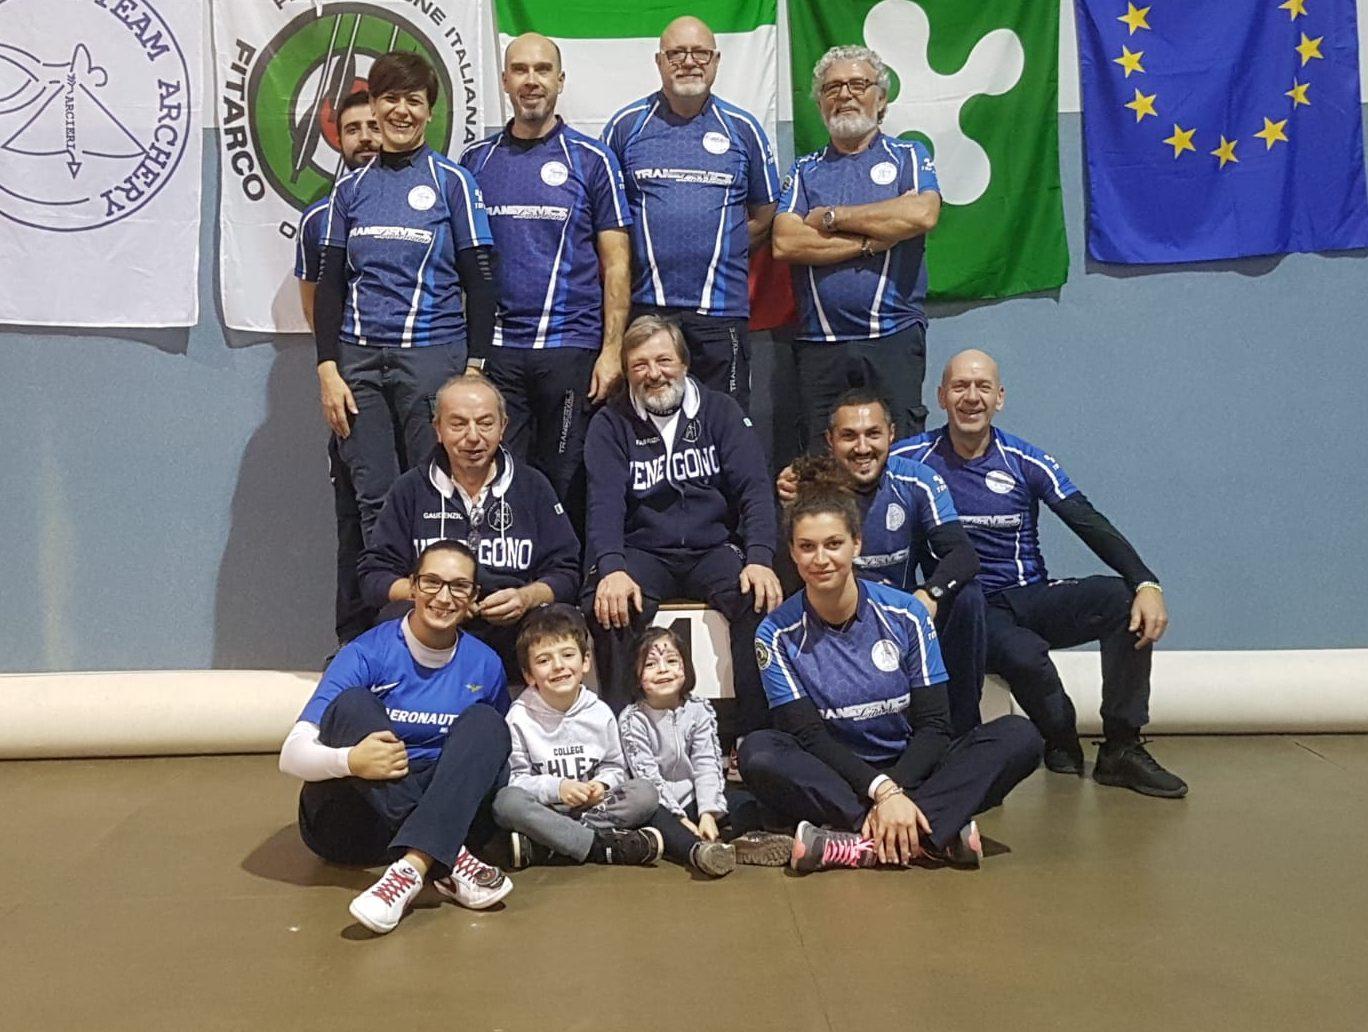 torneo della befana team archery con tanya giaccheri